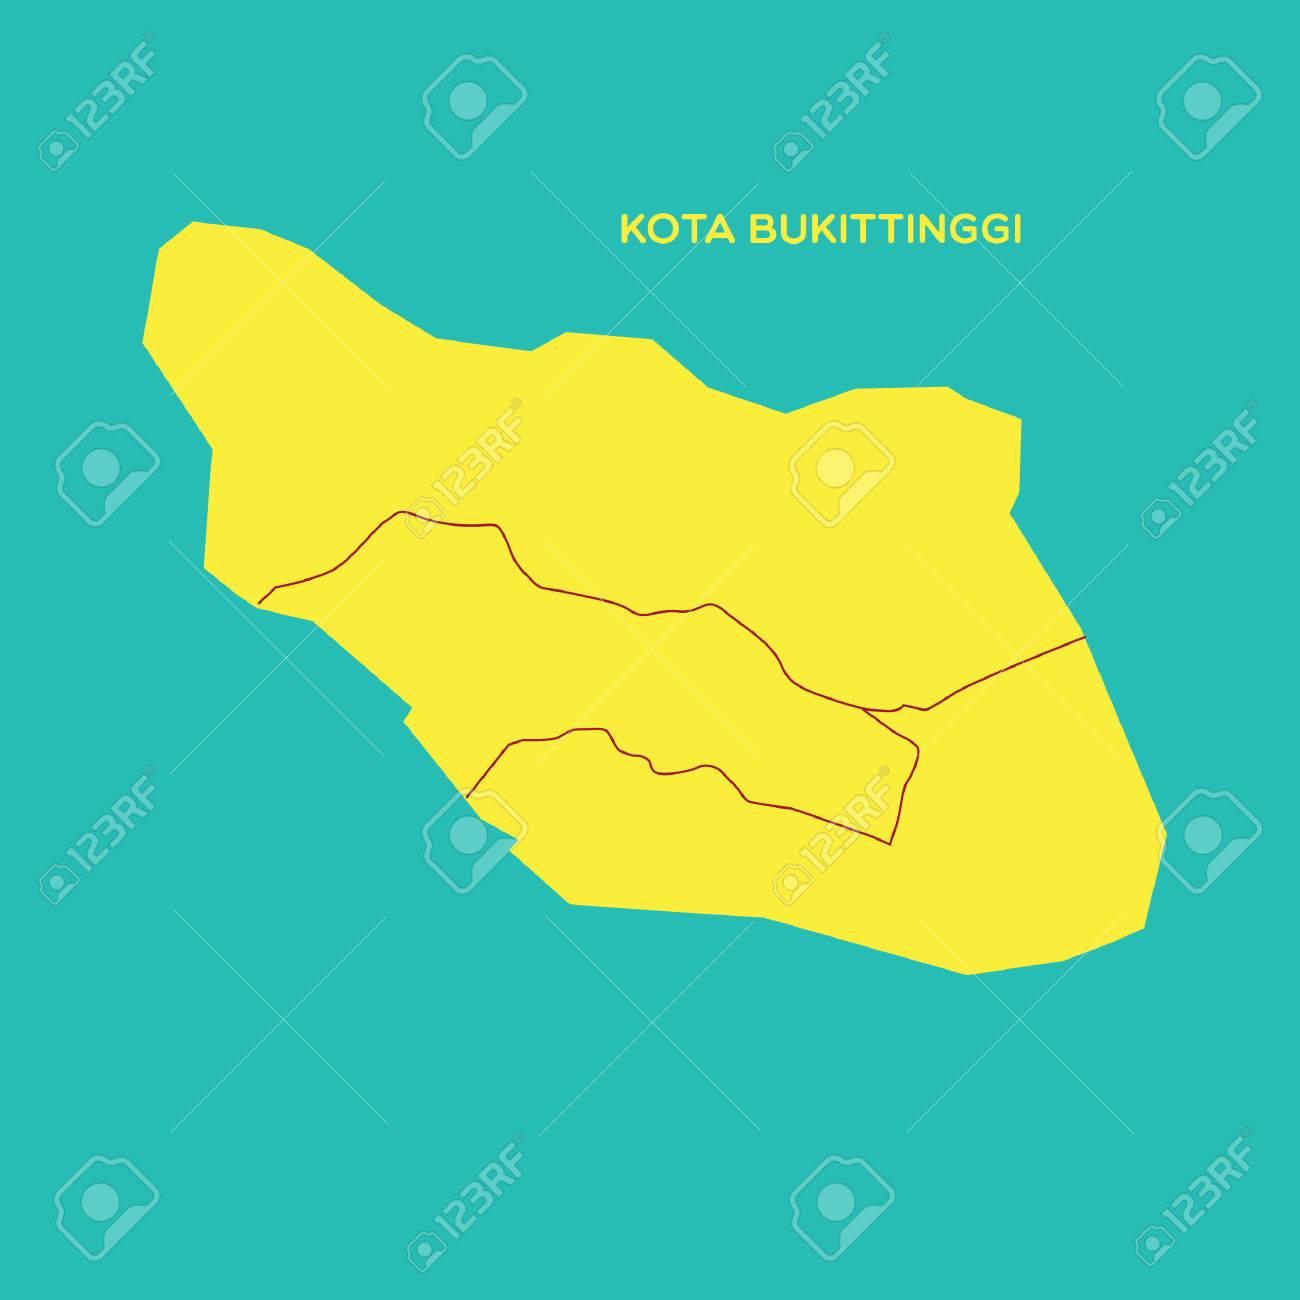 Map Of Kota Bukittinggi Royalty Free Cliparts Vectors And Stock Illustration Image 52631701